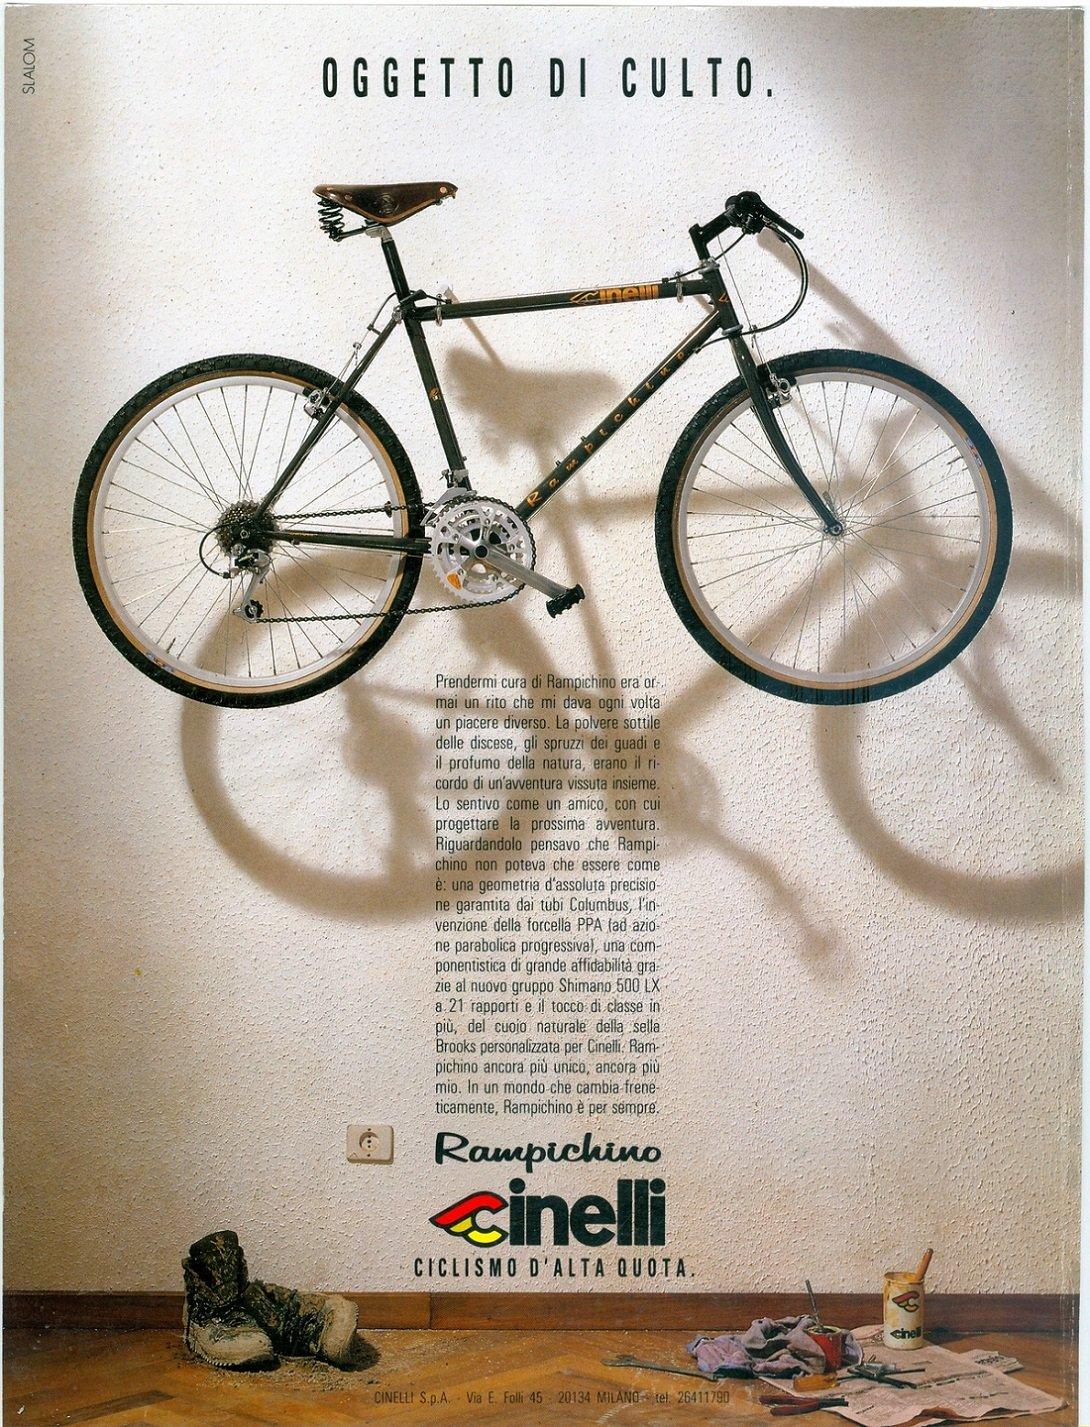 Cinelli Rampichino, 1986